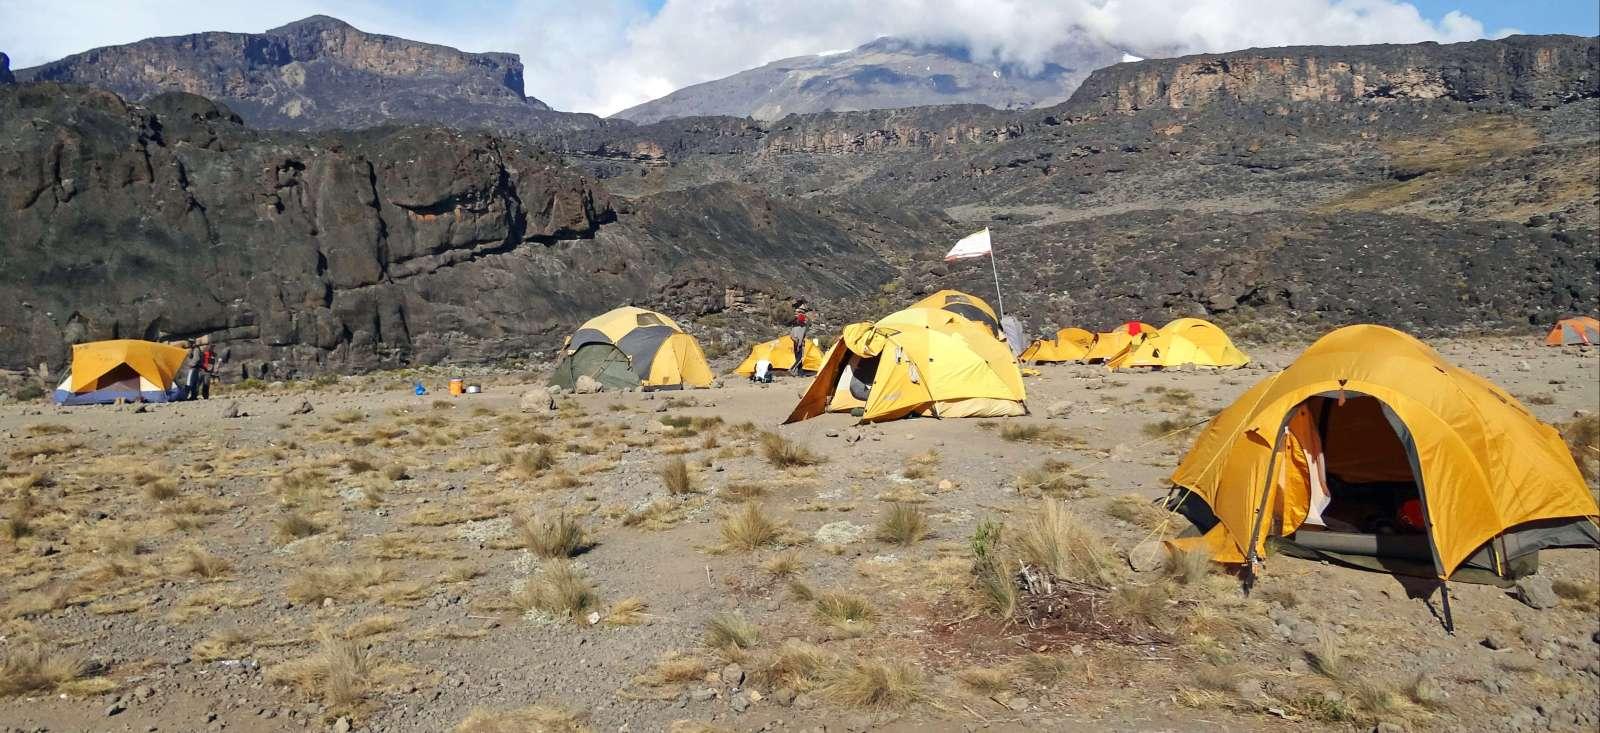 Voyage à pied : Kili kili kiliii, le sommet des trekkeurs en culotte courte